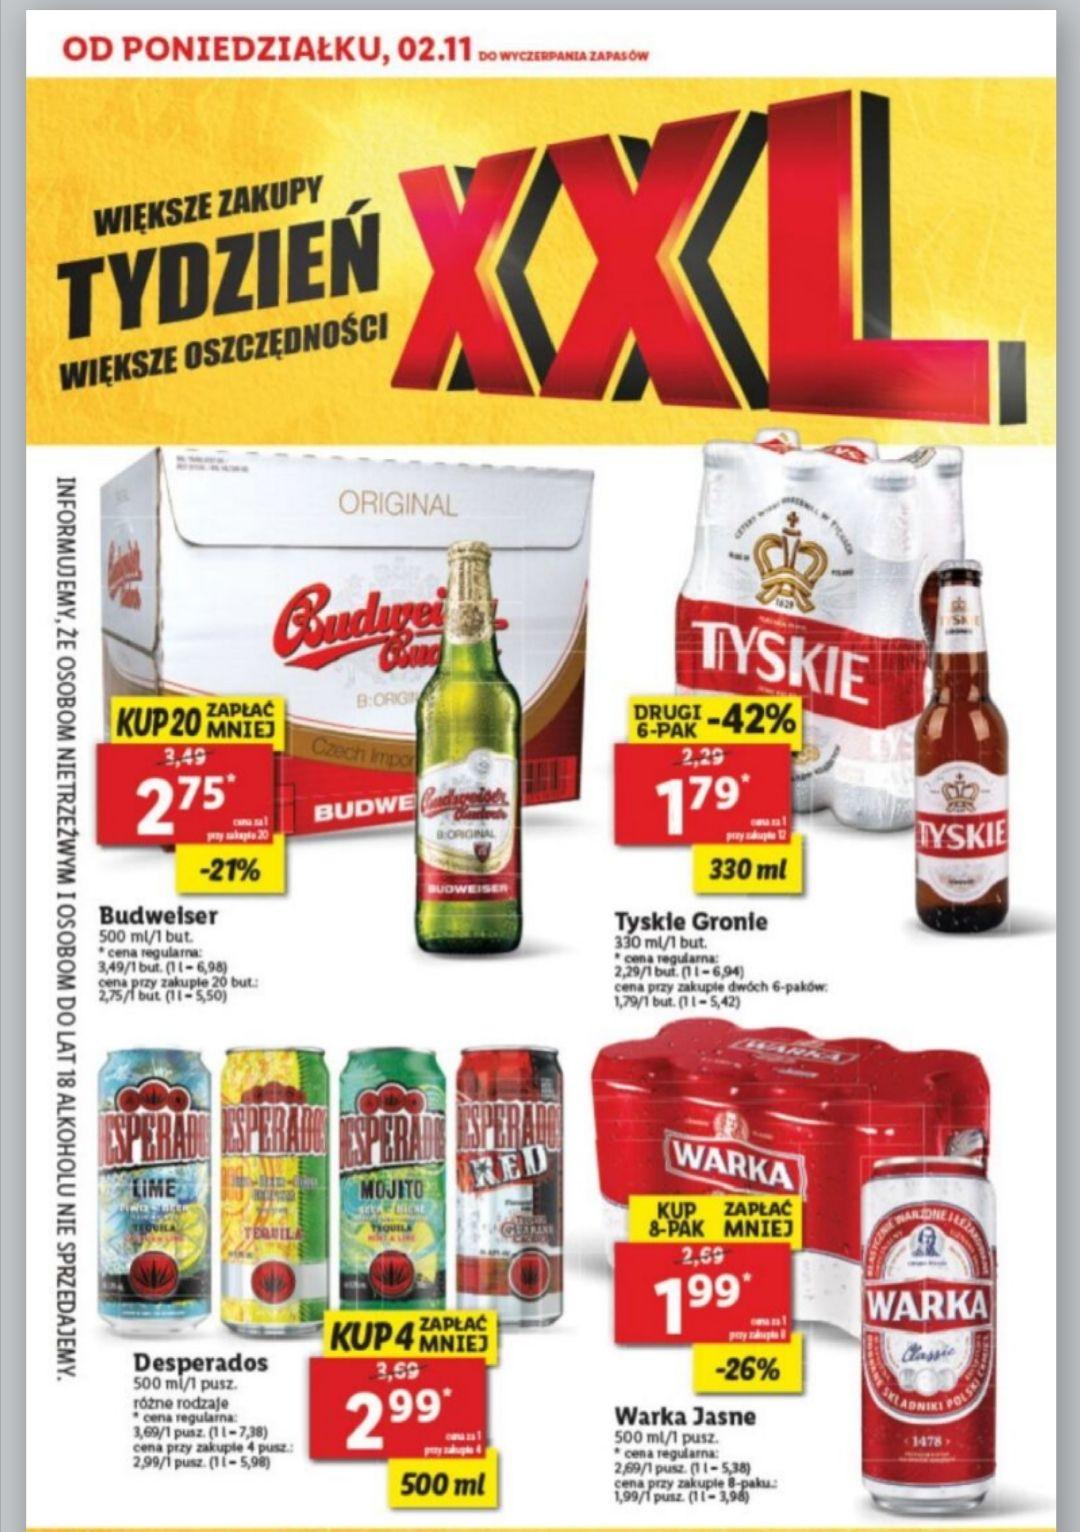 W Lidlu piwa taniej,np. Budweiser 2.75 (przy zakupie 20szt)